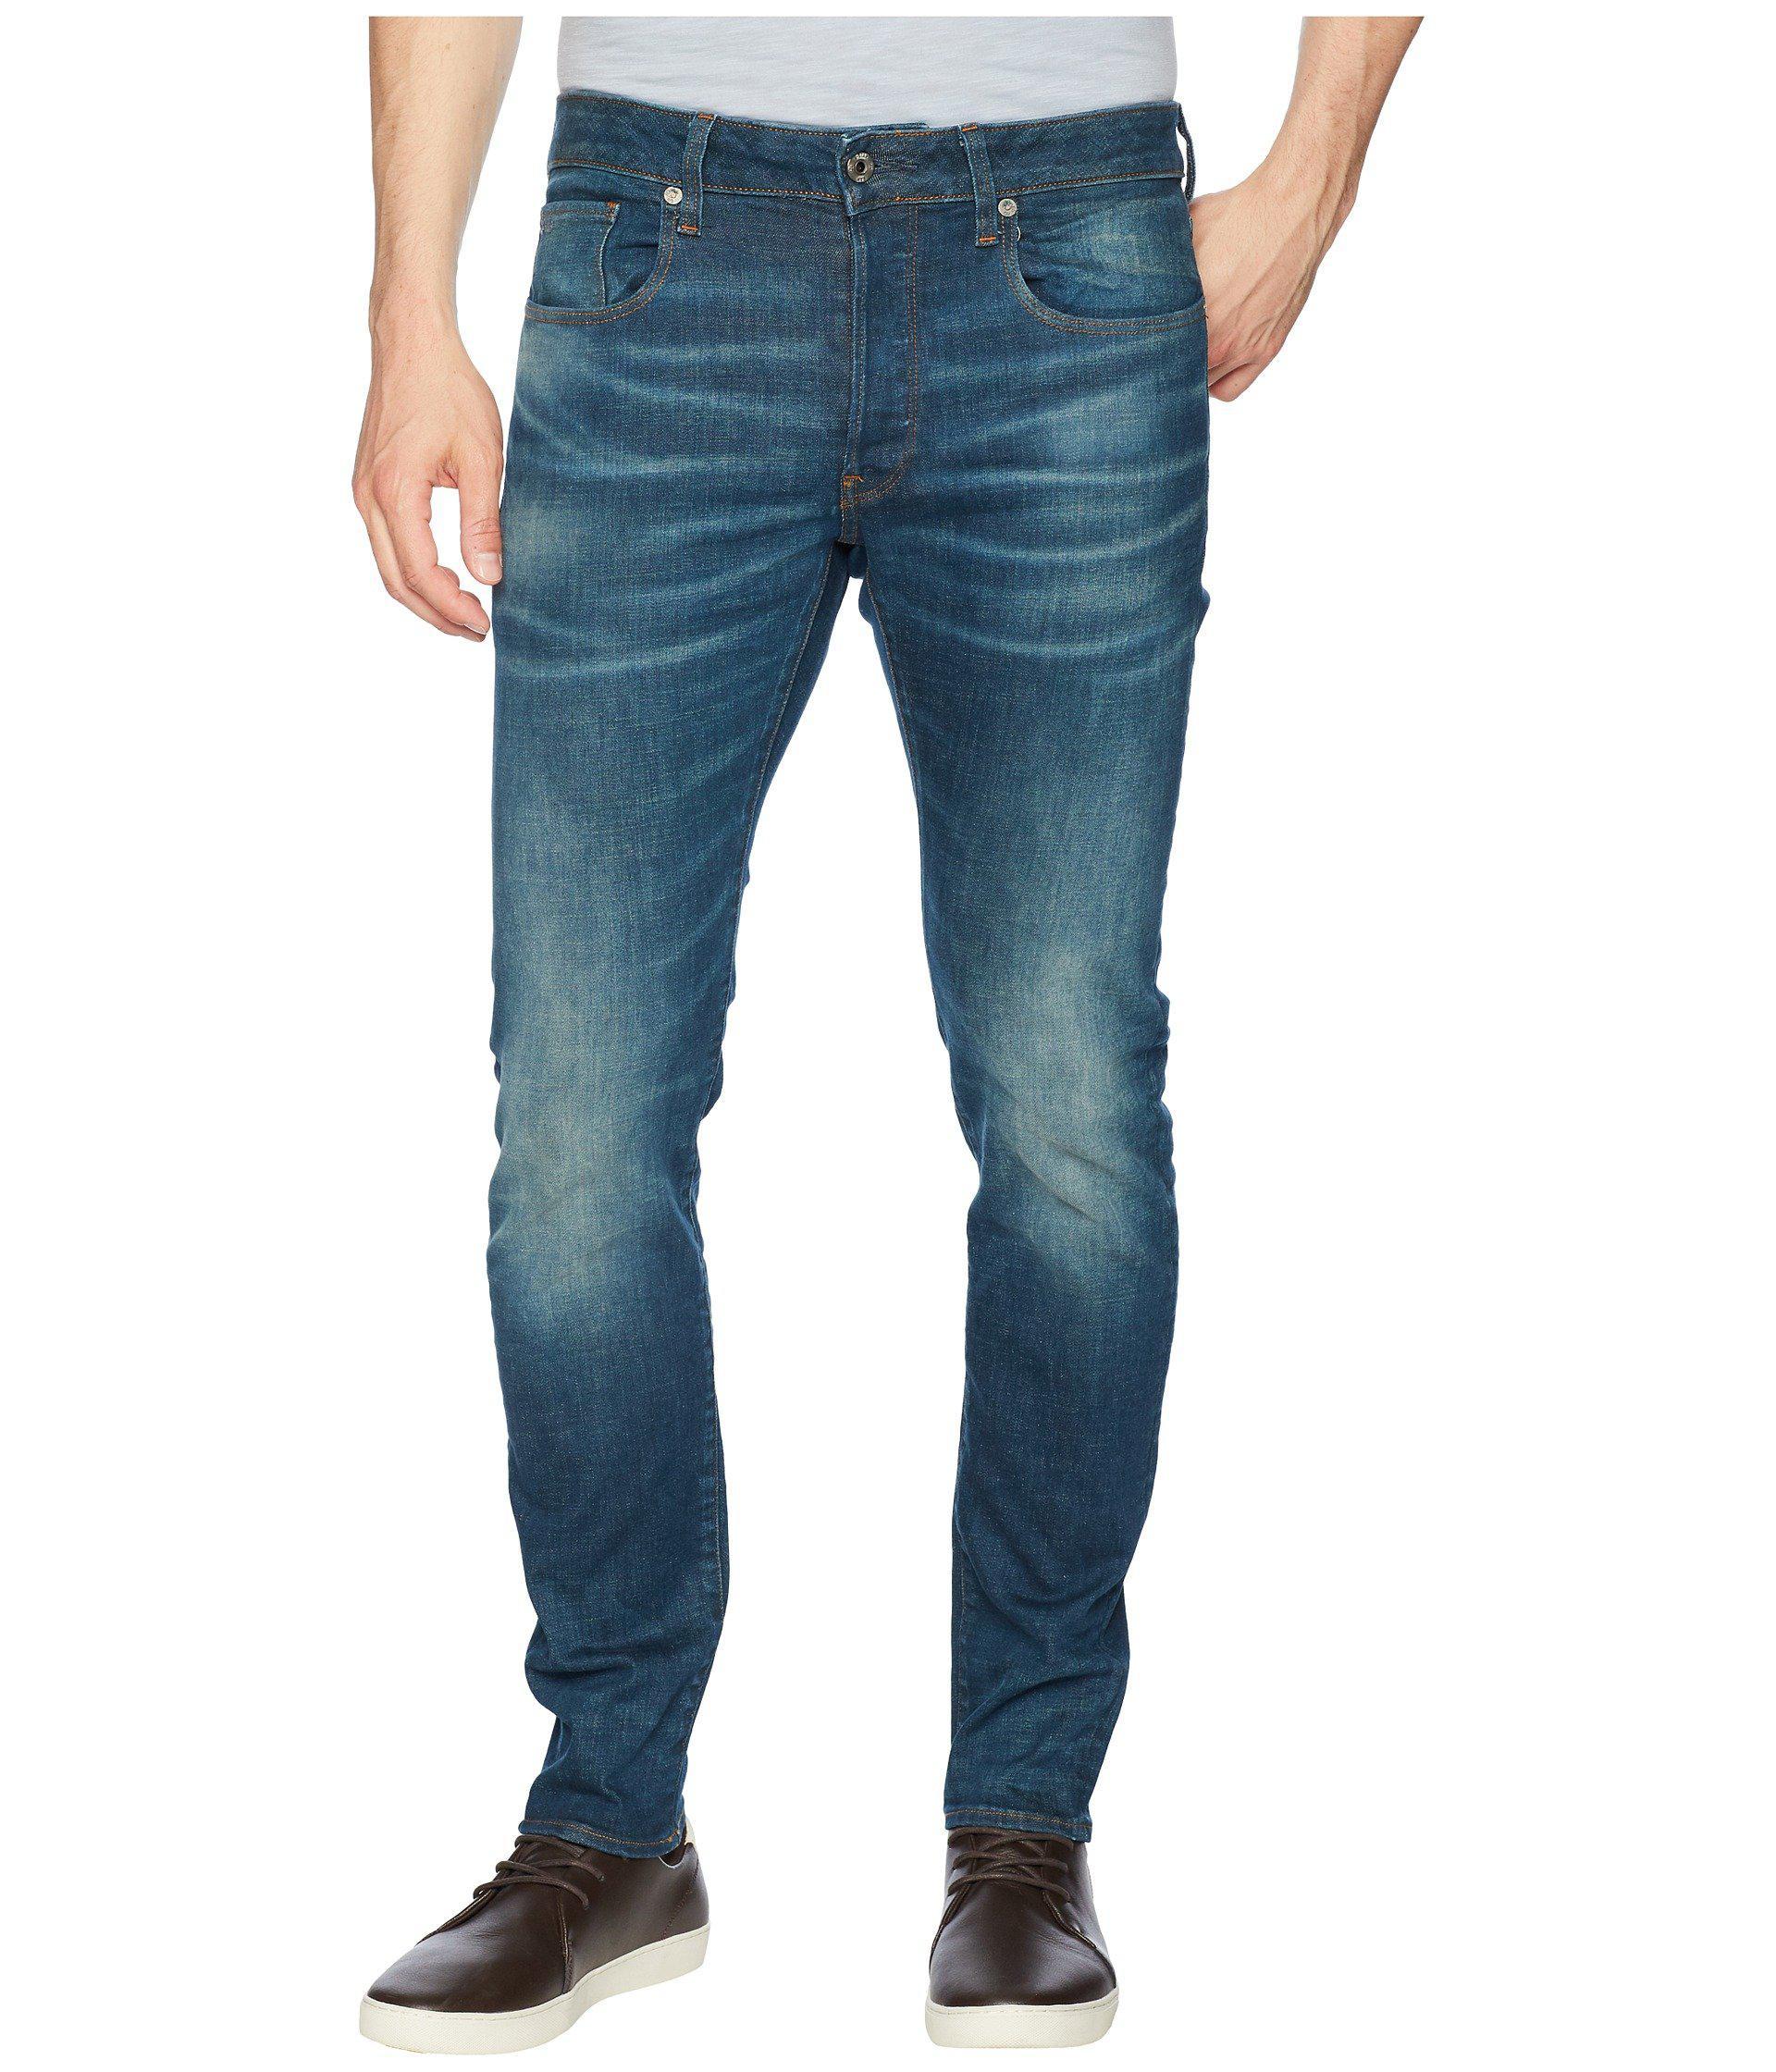 Beln Lyst Star Slim G 3301 Medium Aged In Jeans Raw Stretch Denim fw4fPqxF